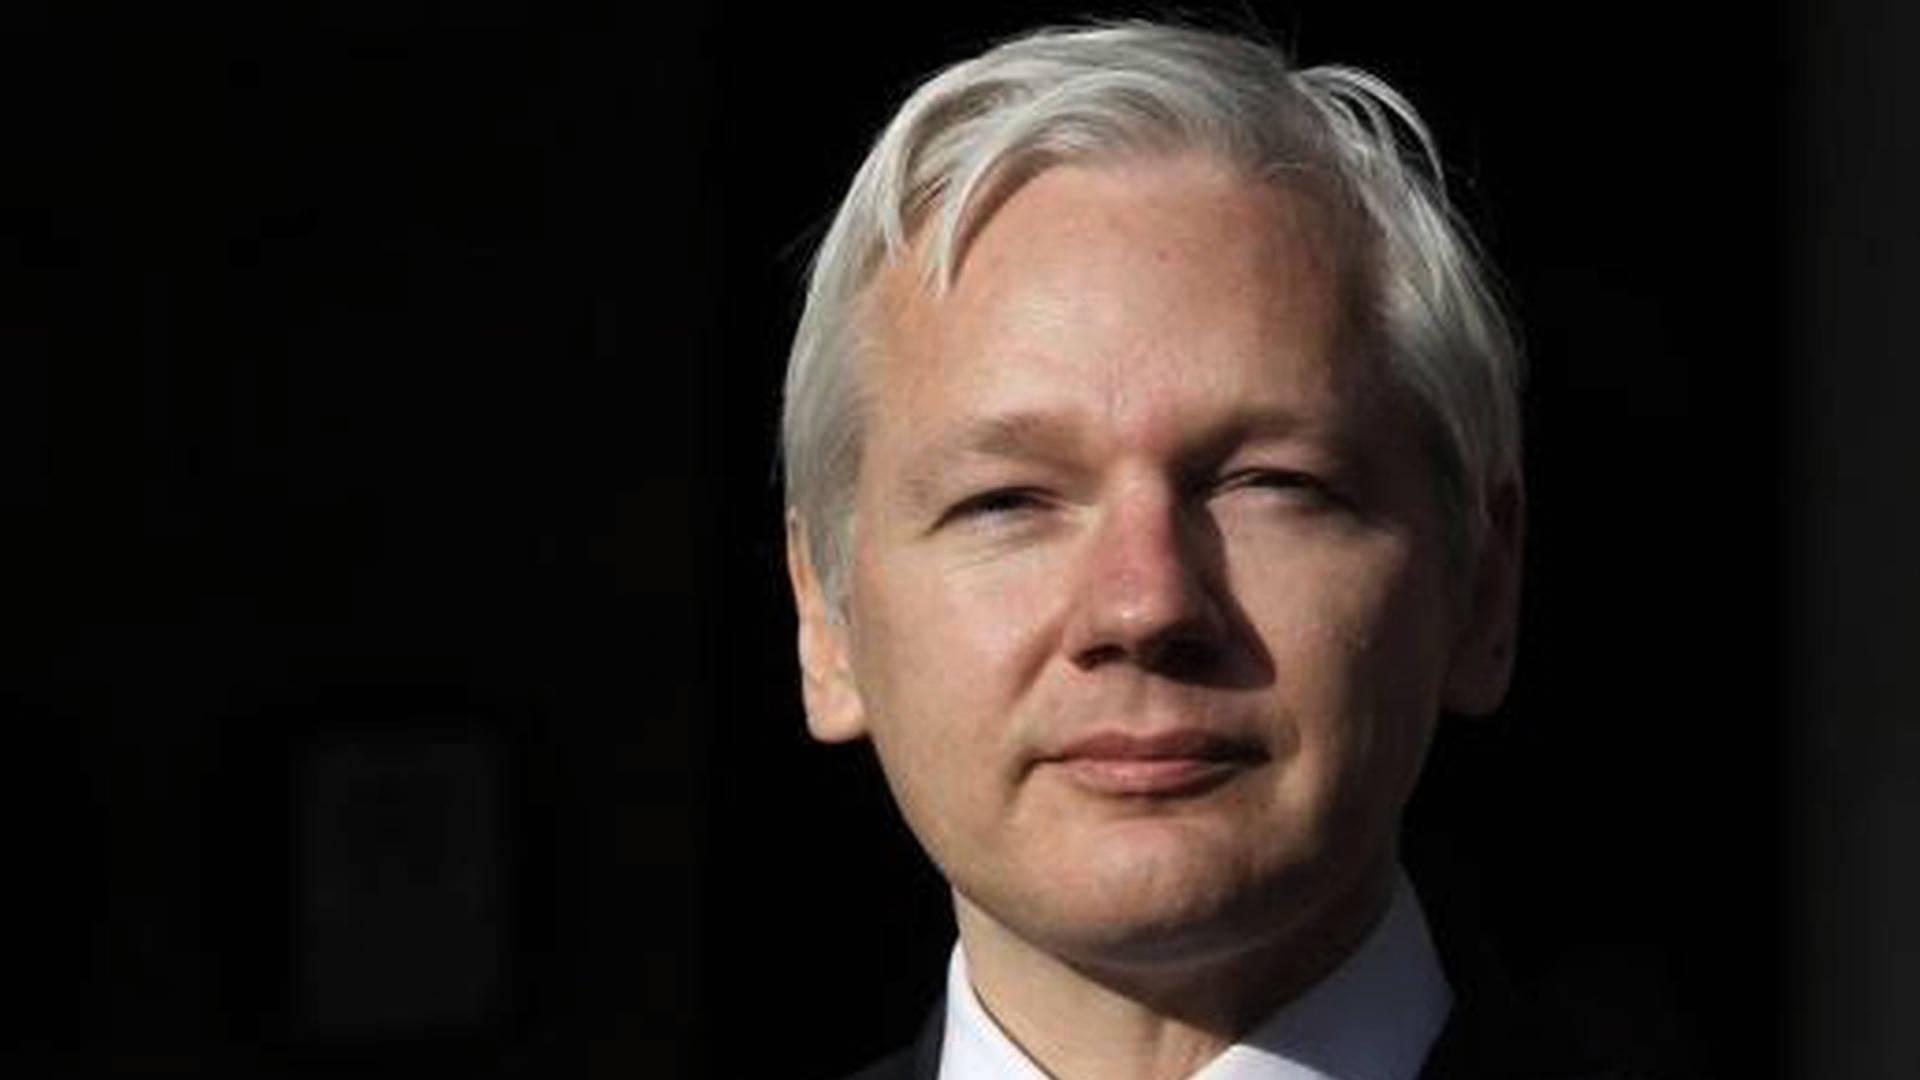 Examinamos a Julian Assange, y necesita urgentemente atención